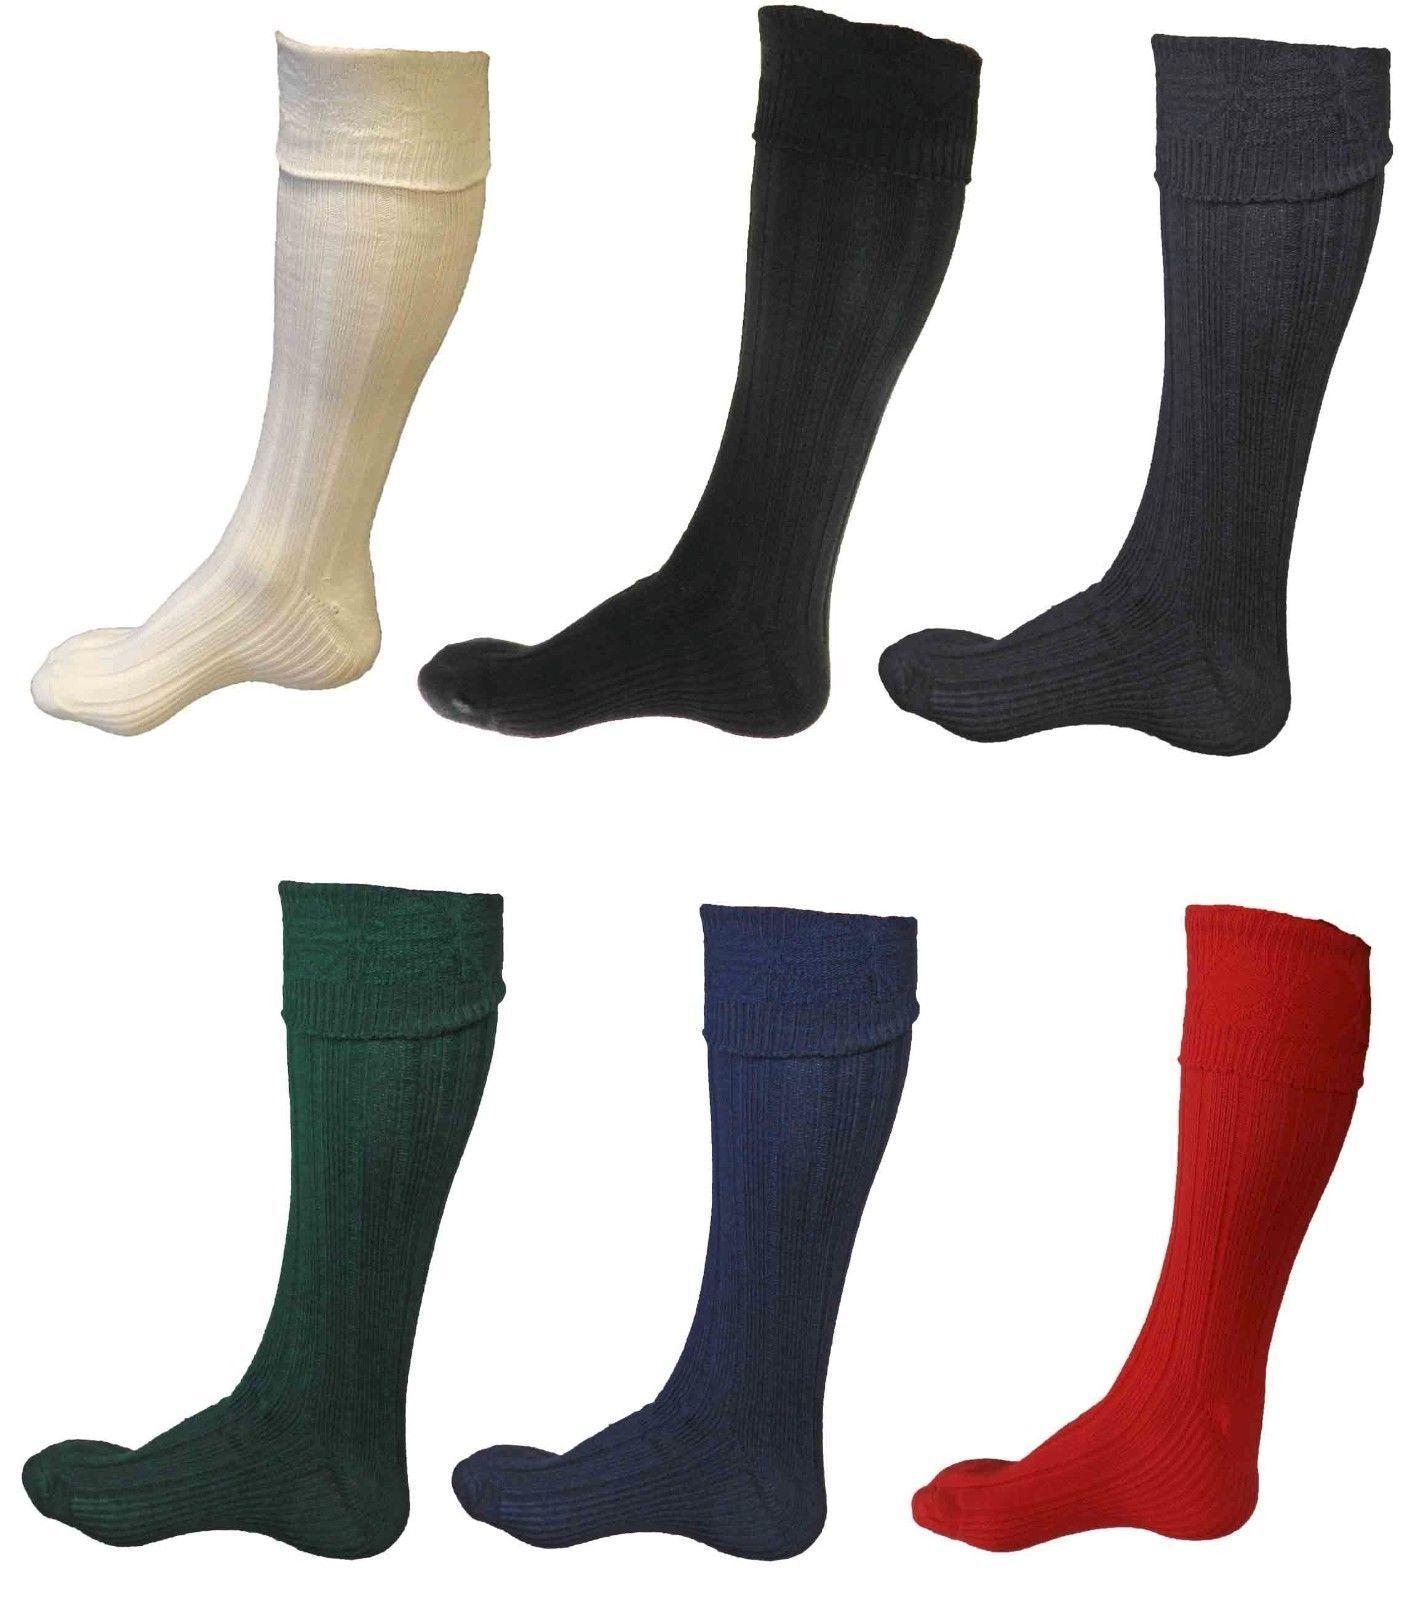 New Scottish Irish  Kilt Hose Socks Men Sporrans Flashes In SIX Colors